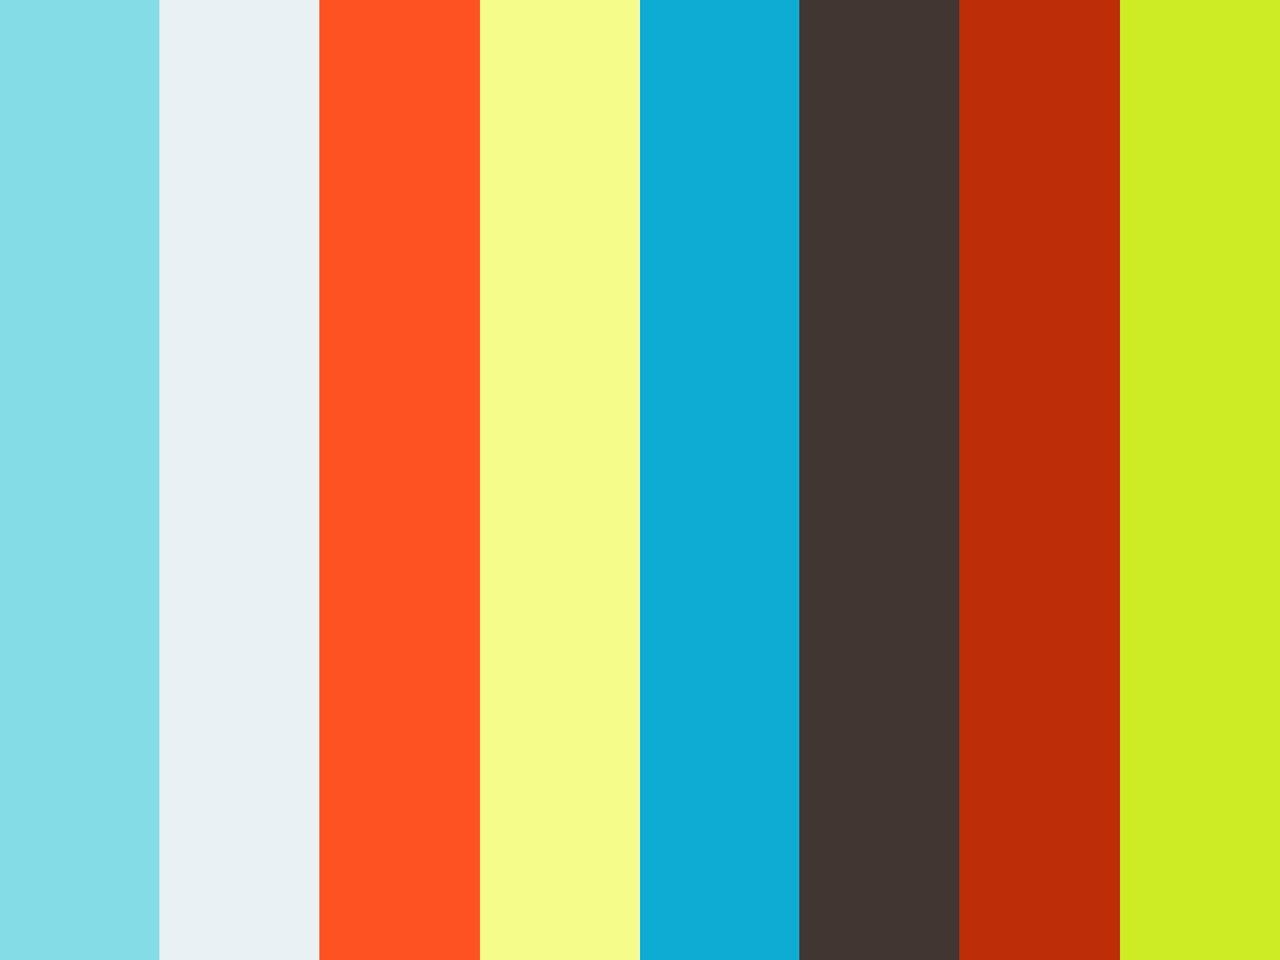 Dorthe Vembye og efterårets farver